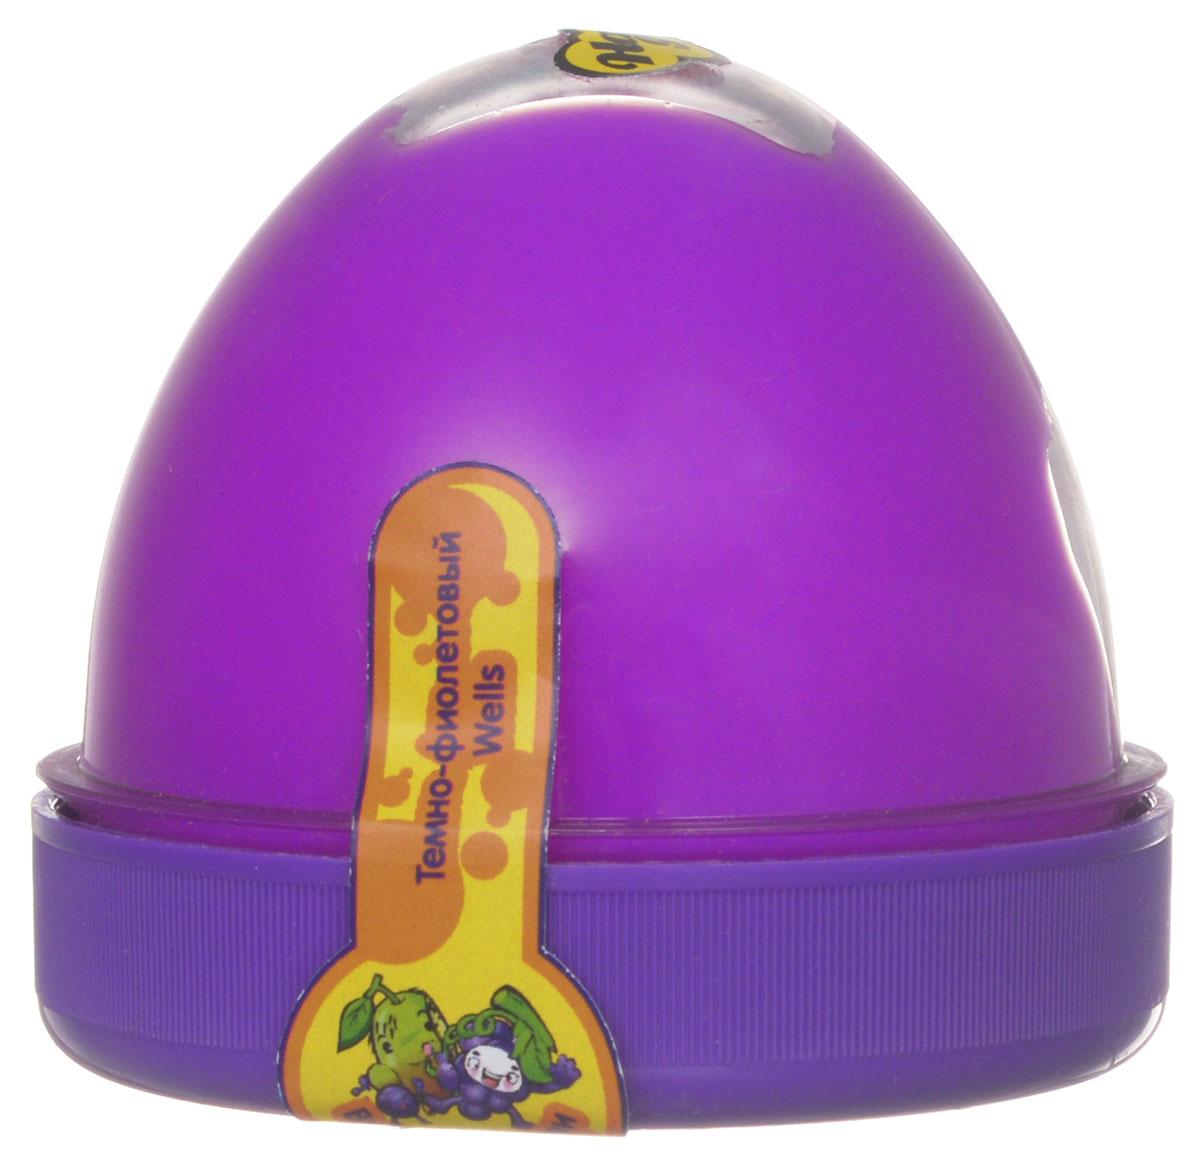 Жвачка для рук ТМ HandGum , цвет: фиолетовый, с запахом киви и винограда, 35 г, Развлекательные игрушки  - купить со скидкой